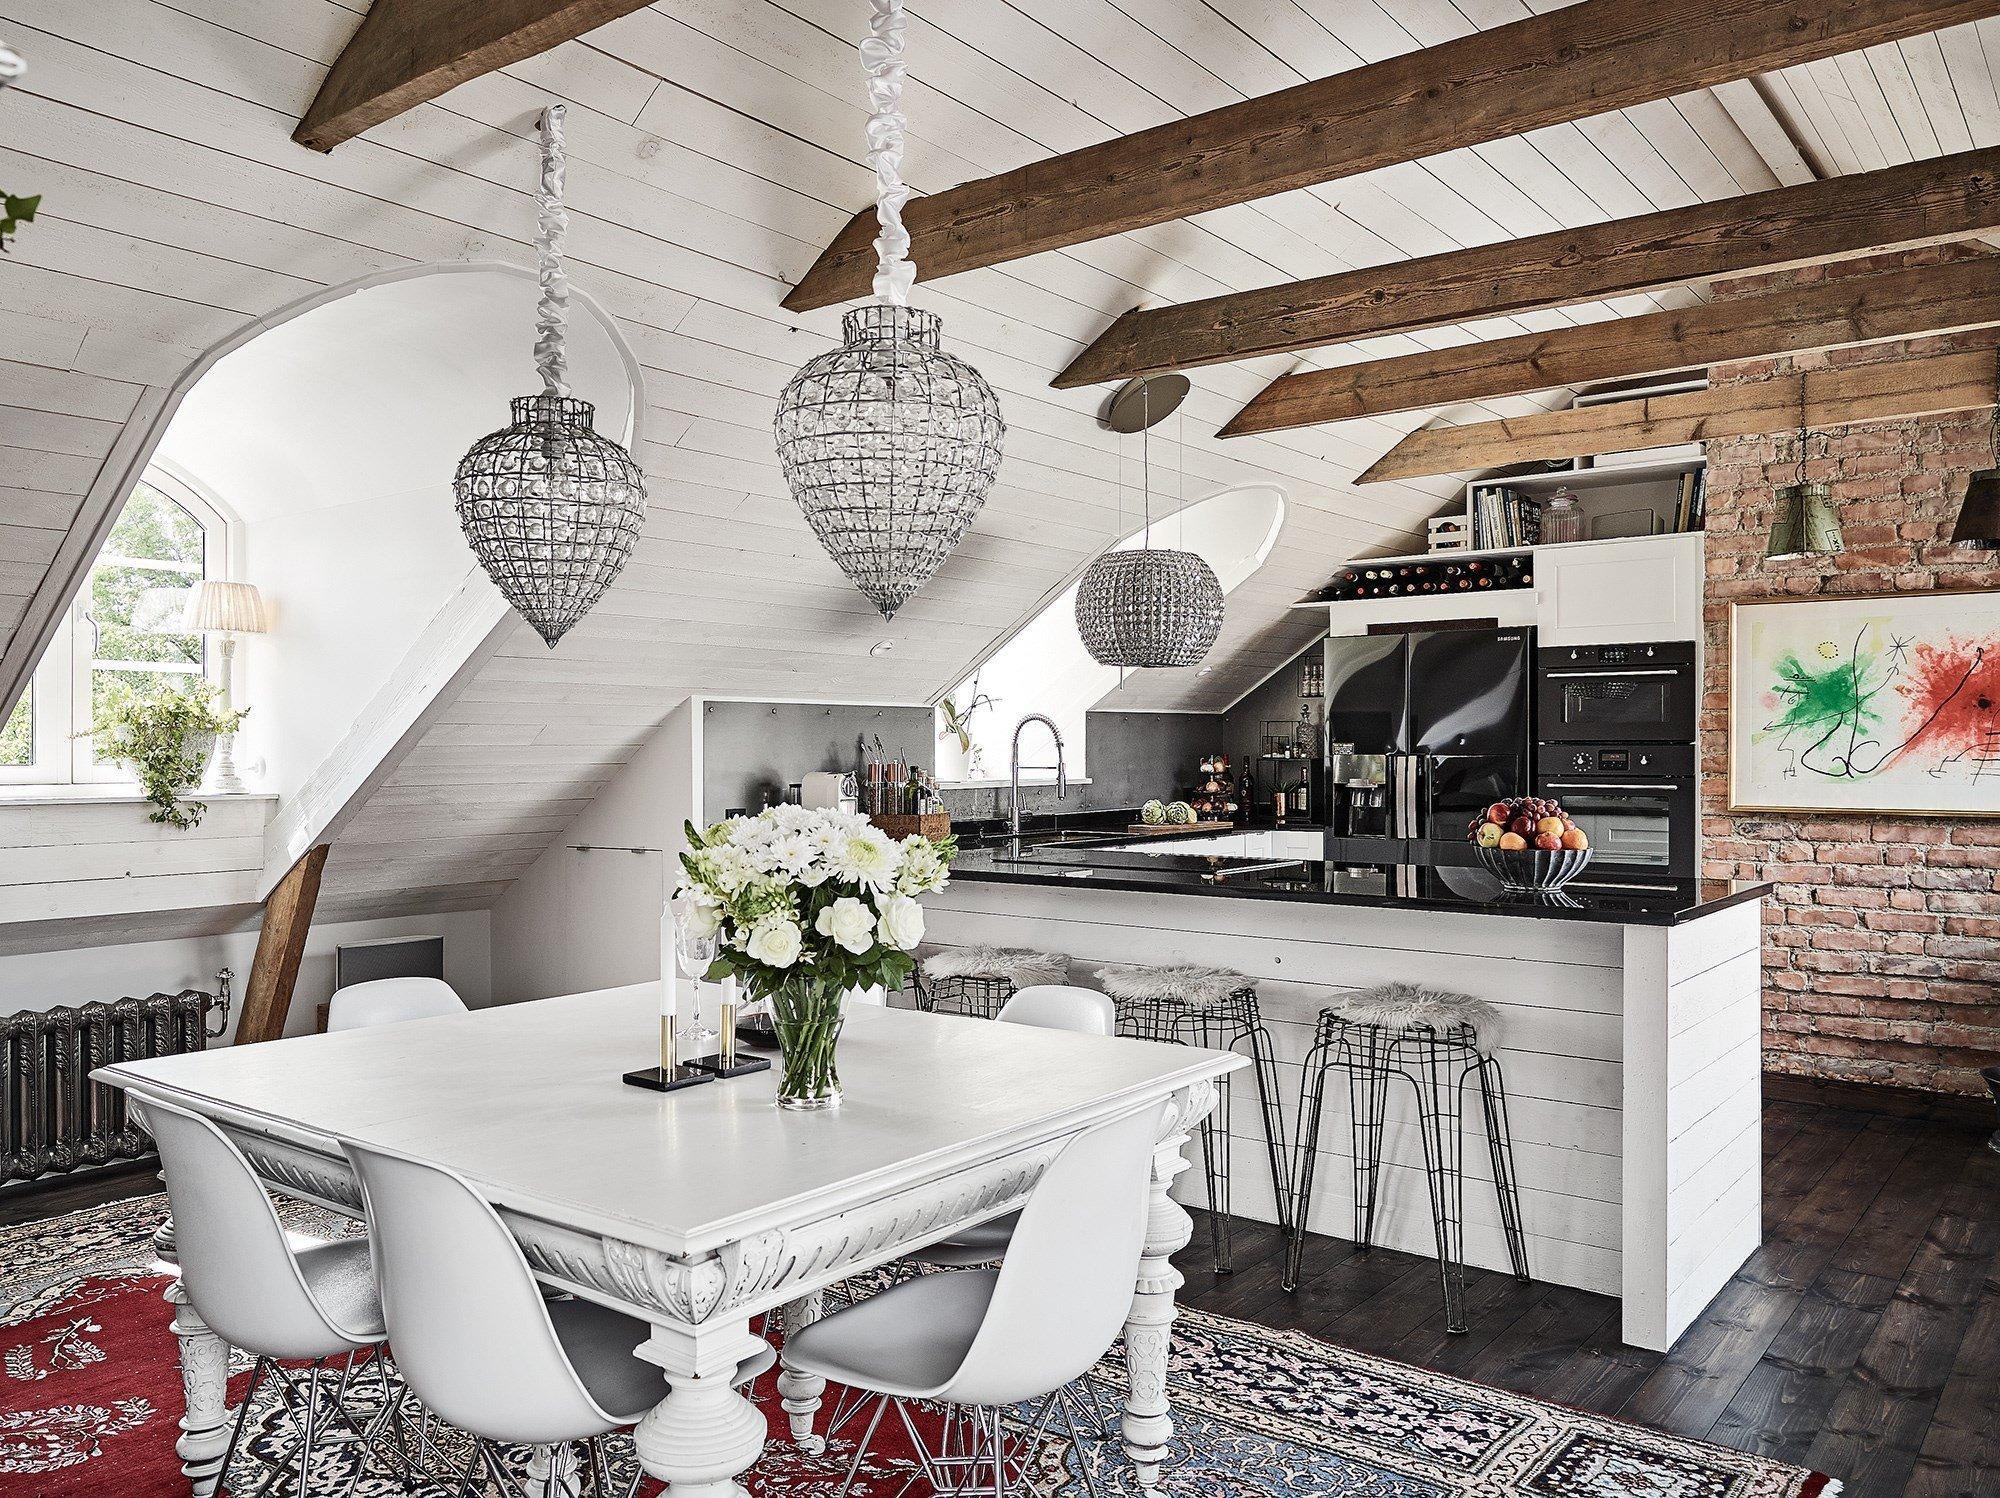 Málokterý ze stylů bydlení si u nás za poslední roky získal tolik obdivovatelů jako tento. Zřejmě proto, že chceme bydlet hezky, útulně, s jakousi lehkostí a šmrncem. Seveřané už tak bydlí a my se stále raději necháváme jejich domovy inspirovat.